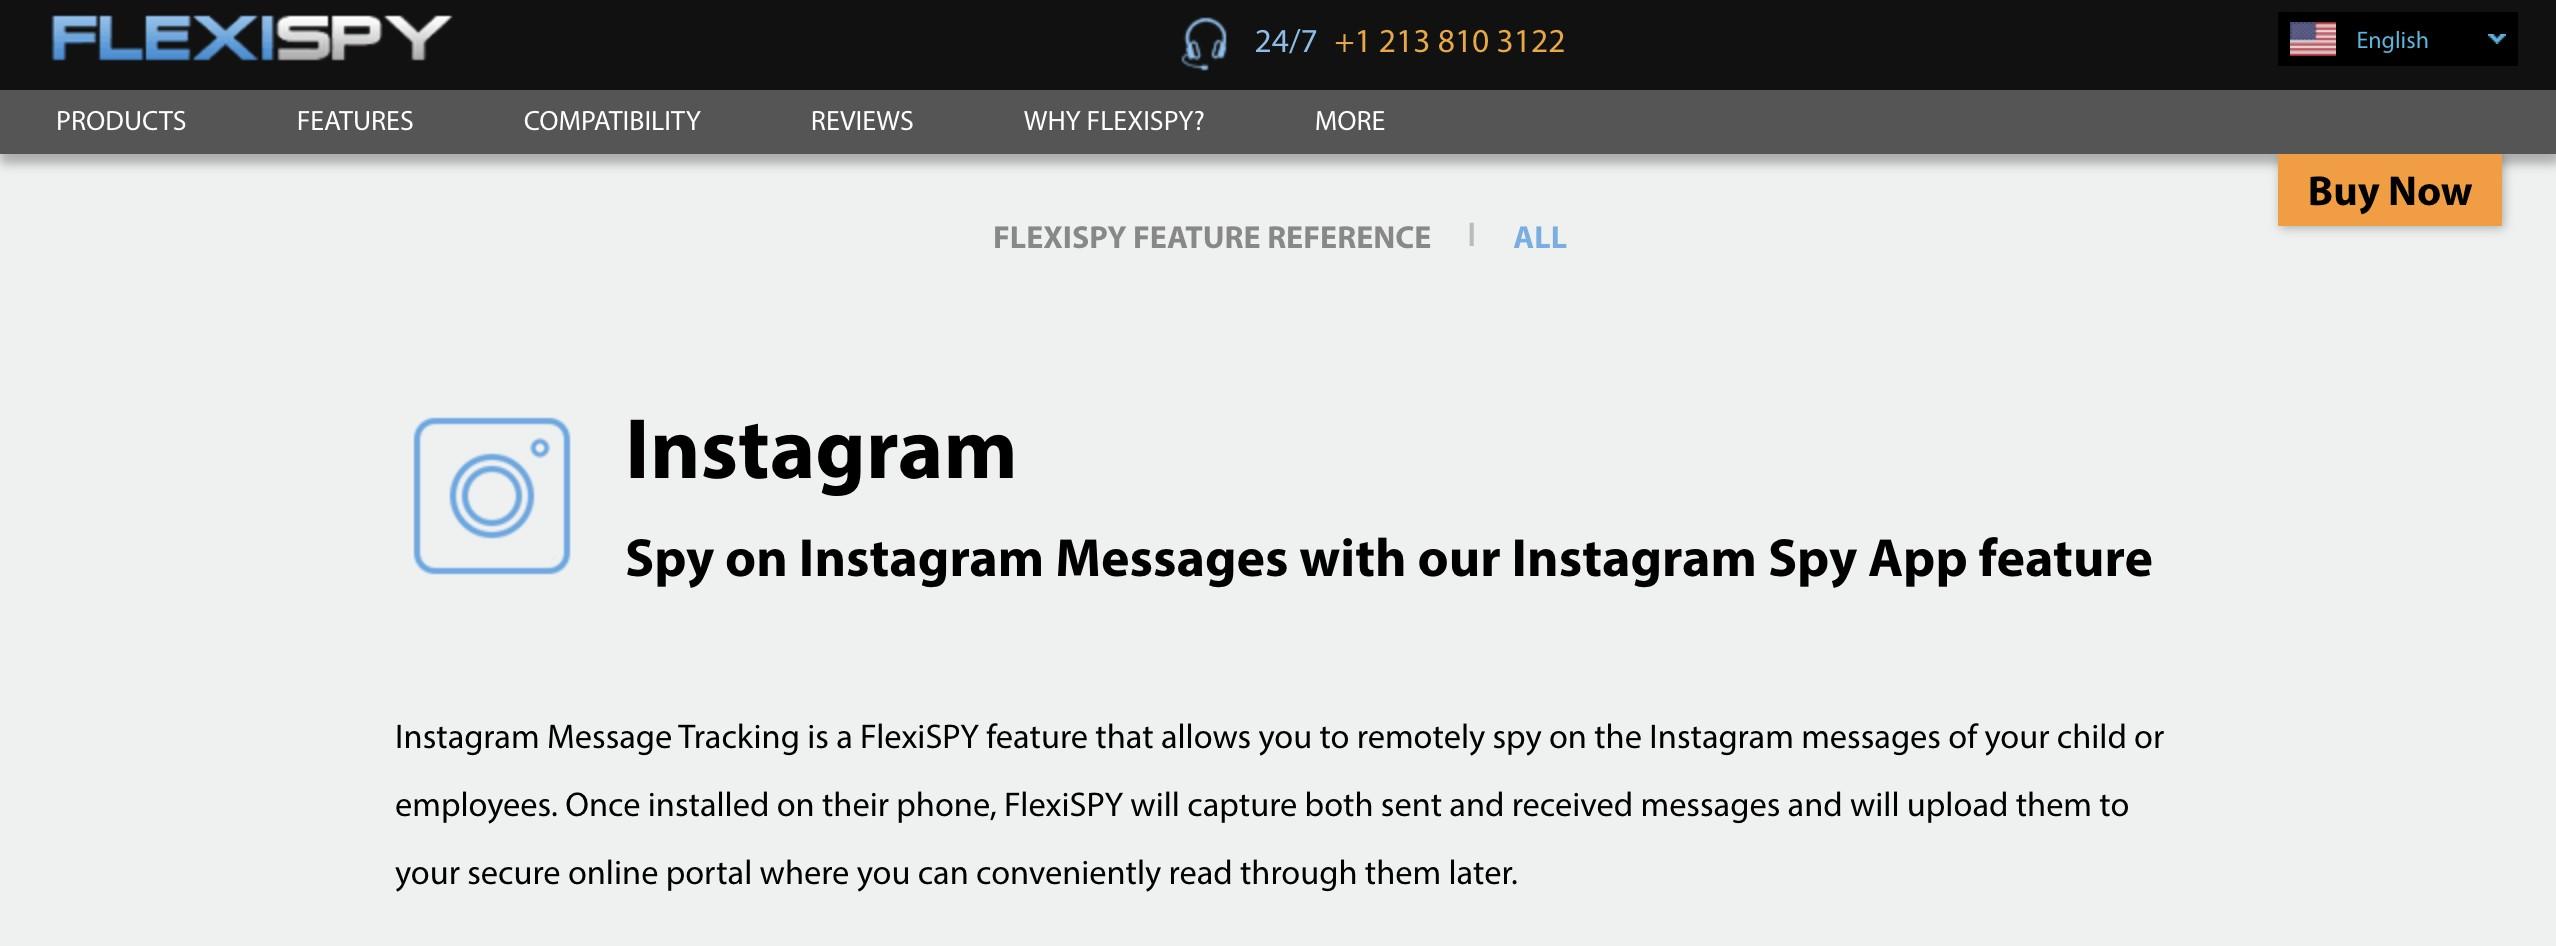 flexispy instagram spy